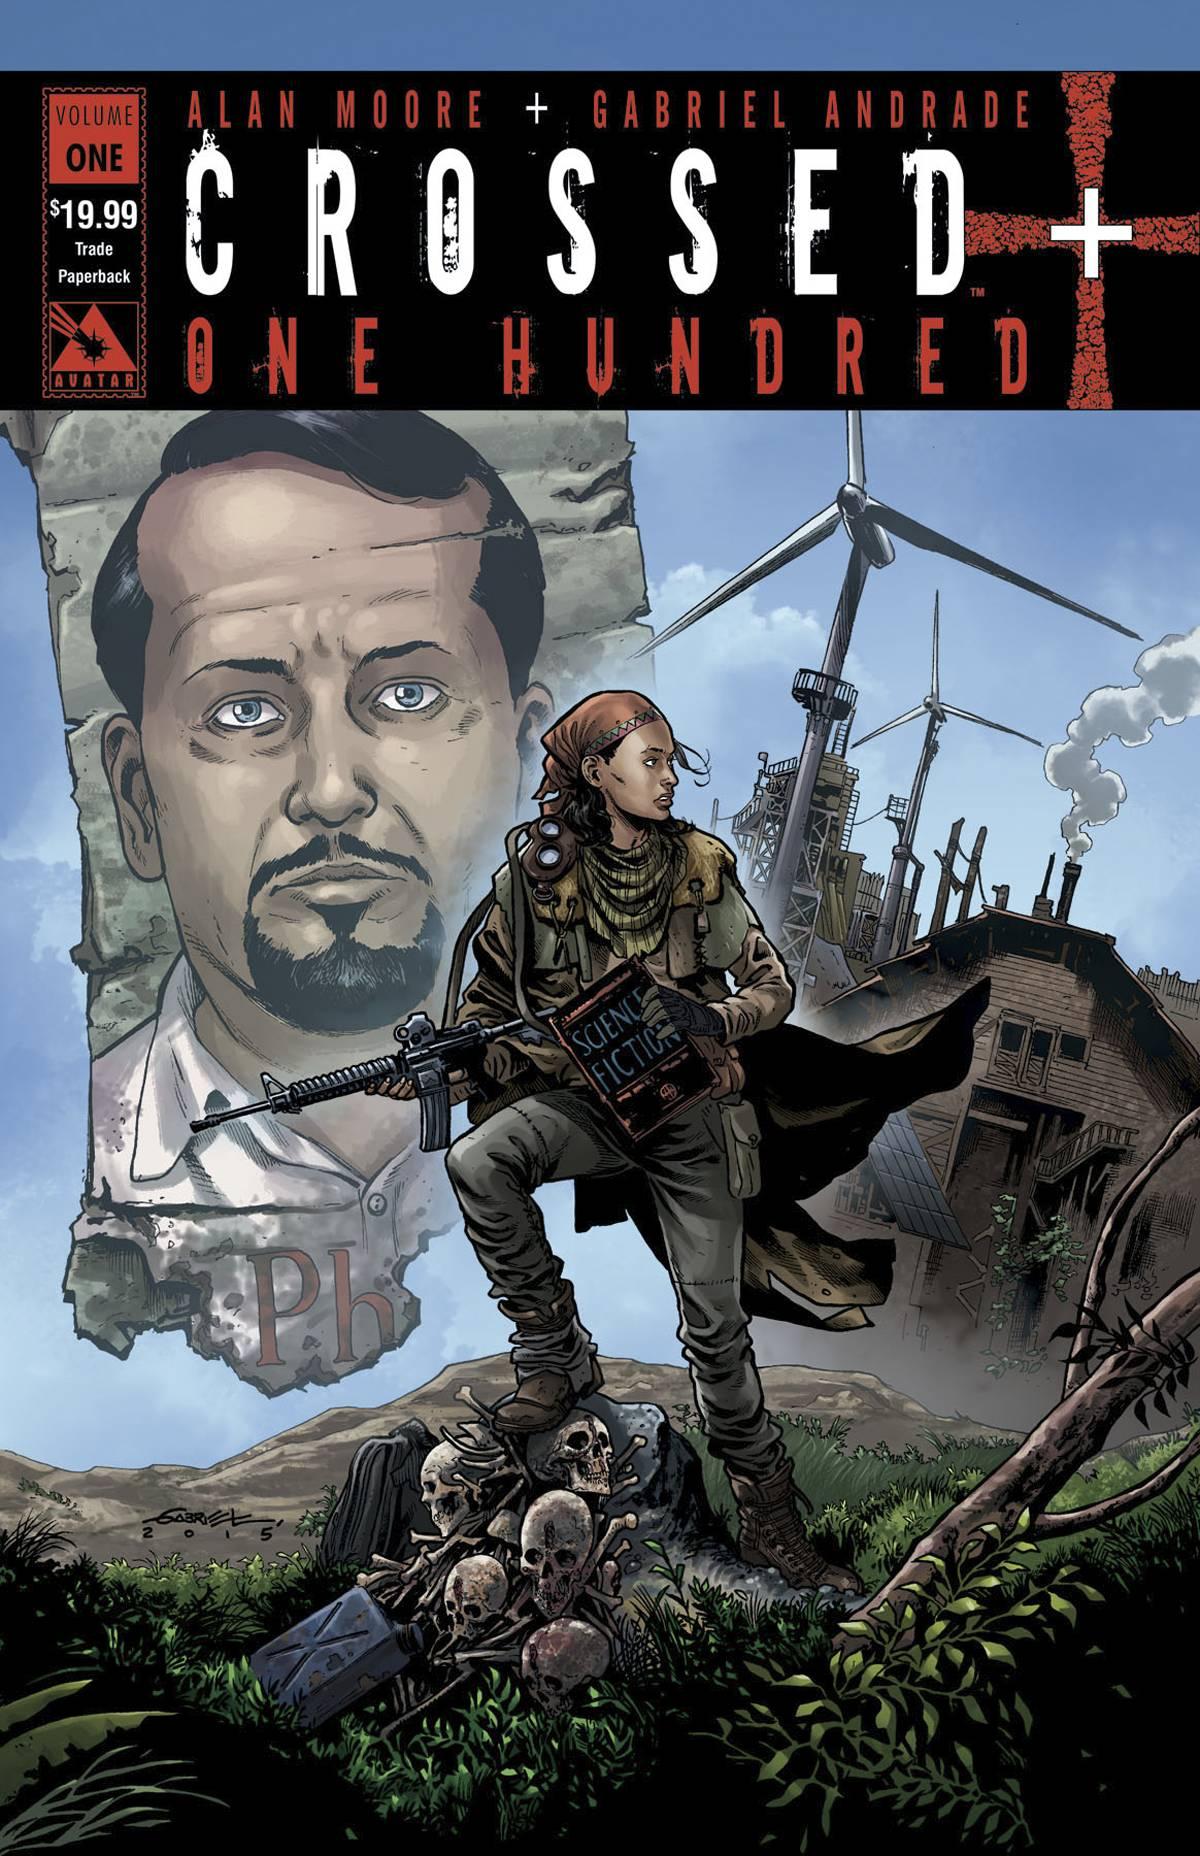 Comic Book Review: Crossed +100 Volume 1